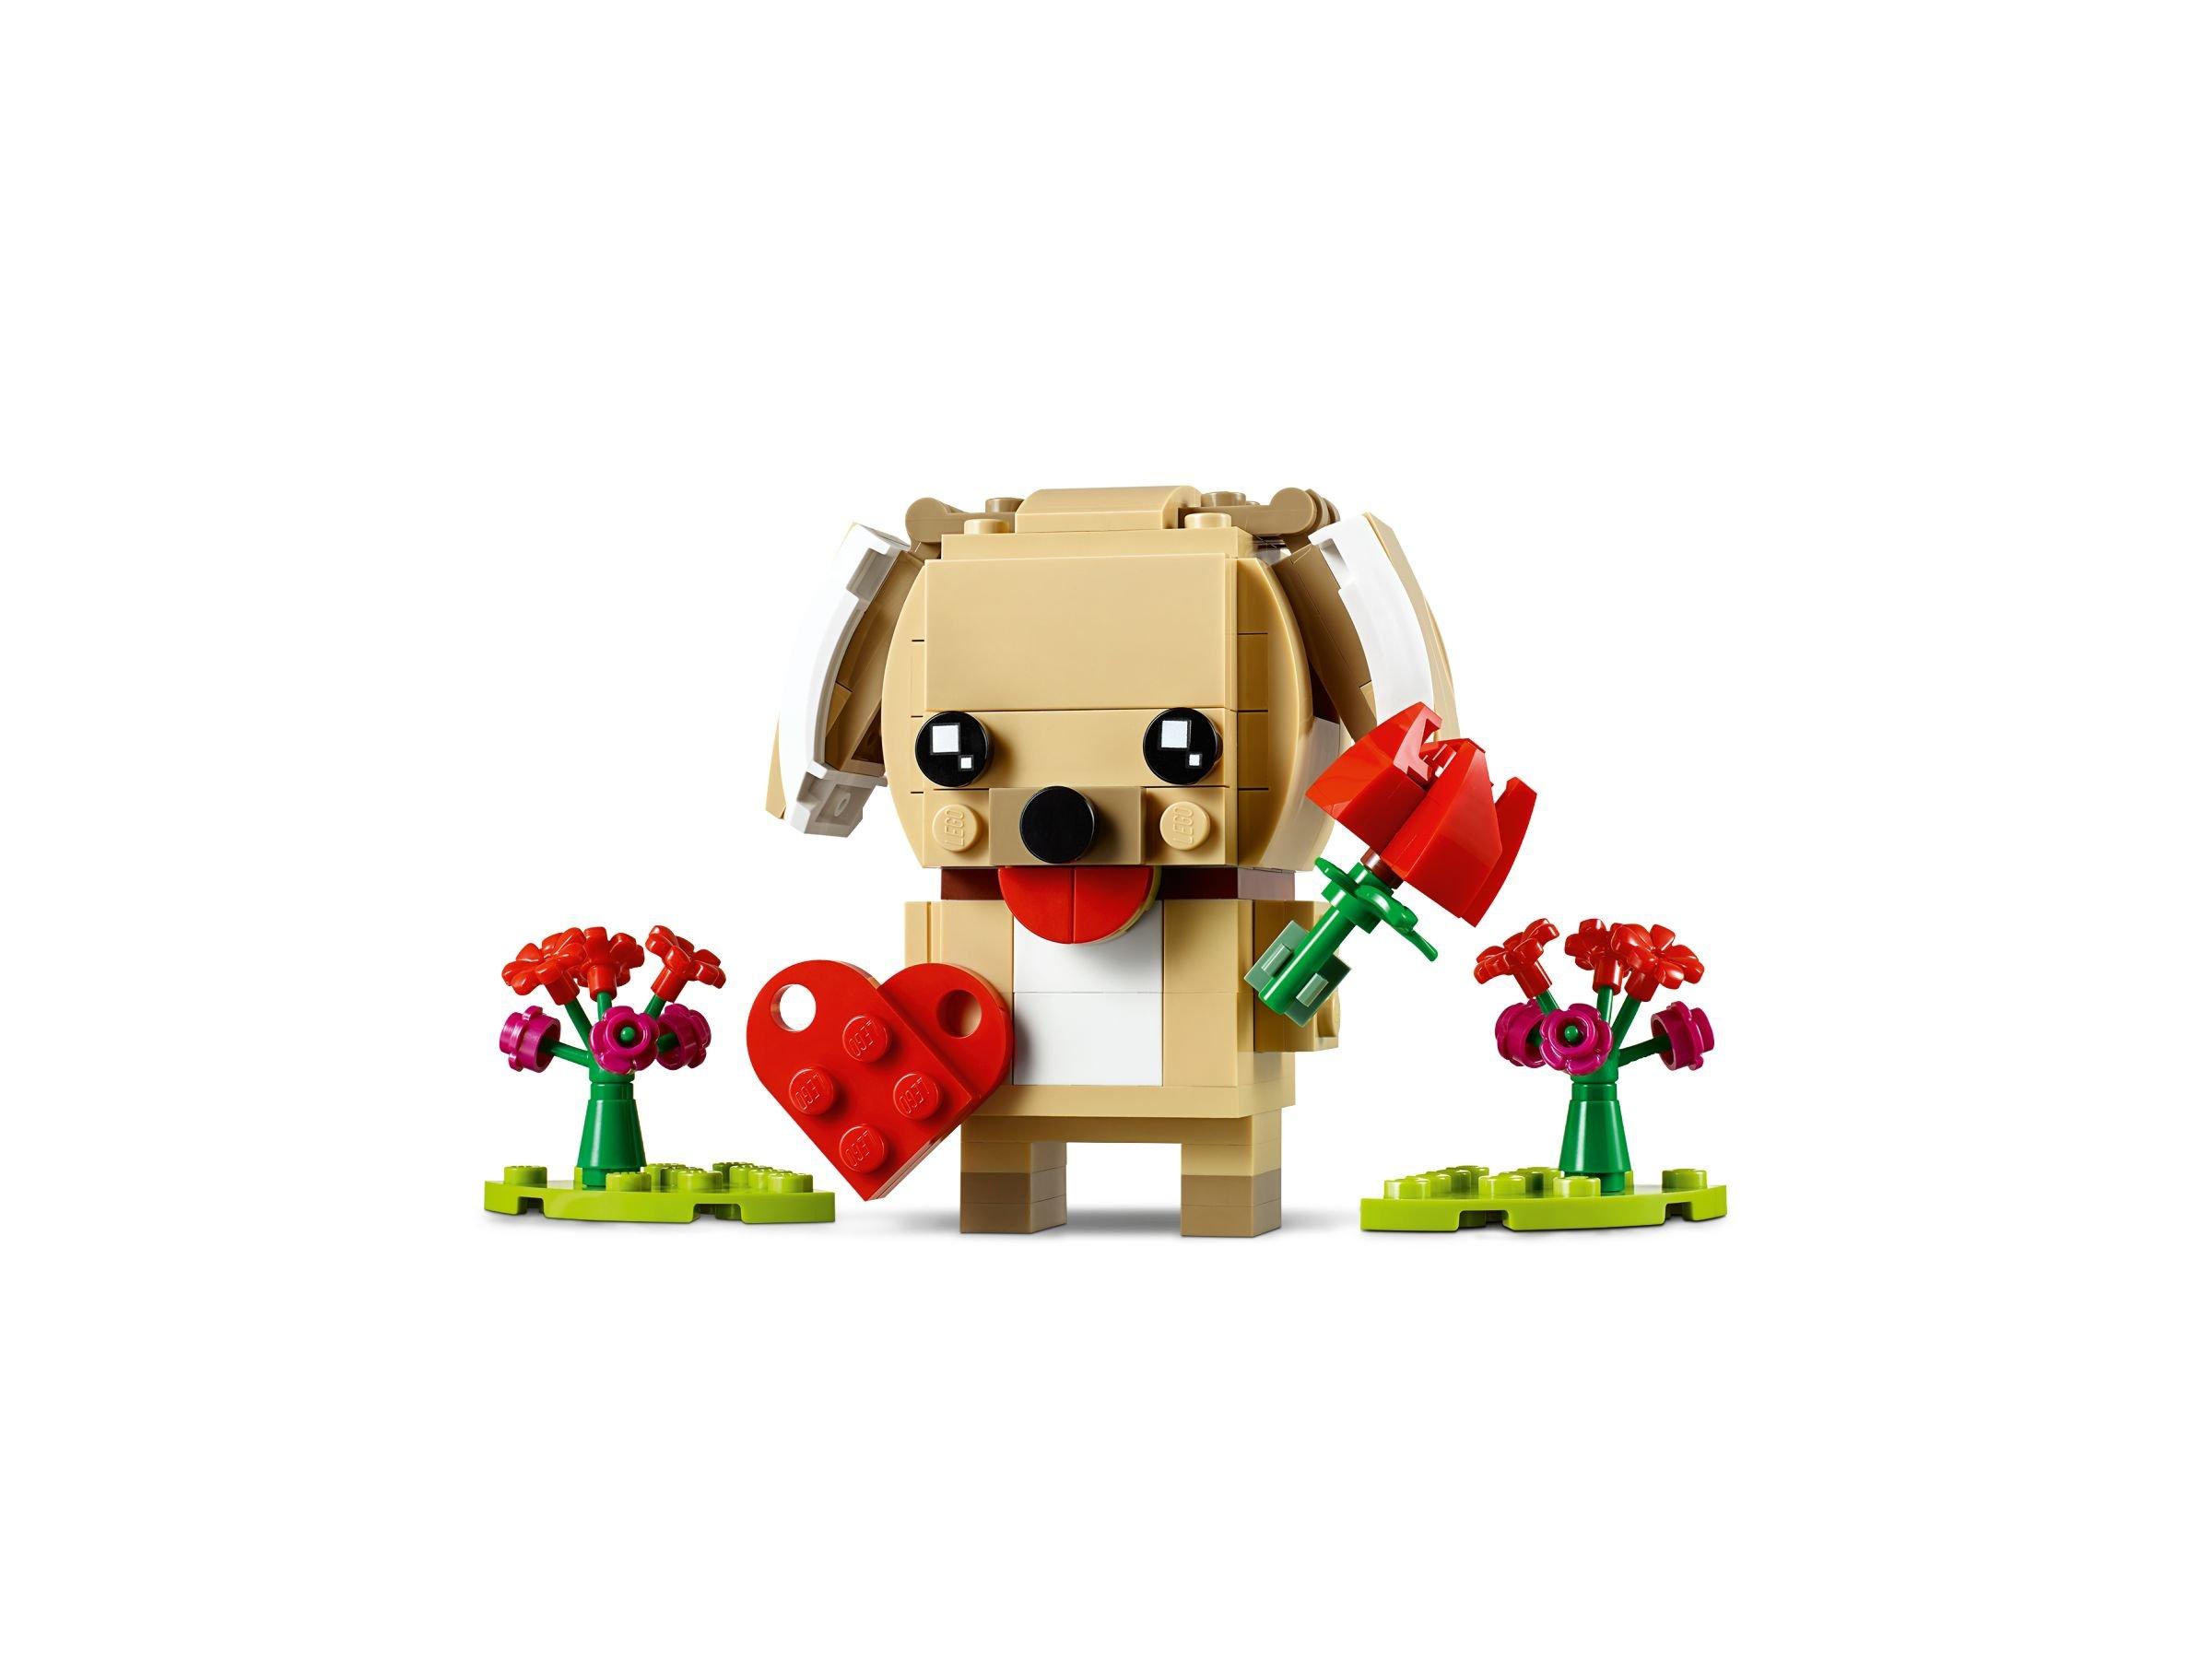 Lego 40349 Valentinstag Welpe Brickheadz 2019 Puppy Brickmerge